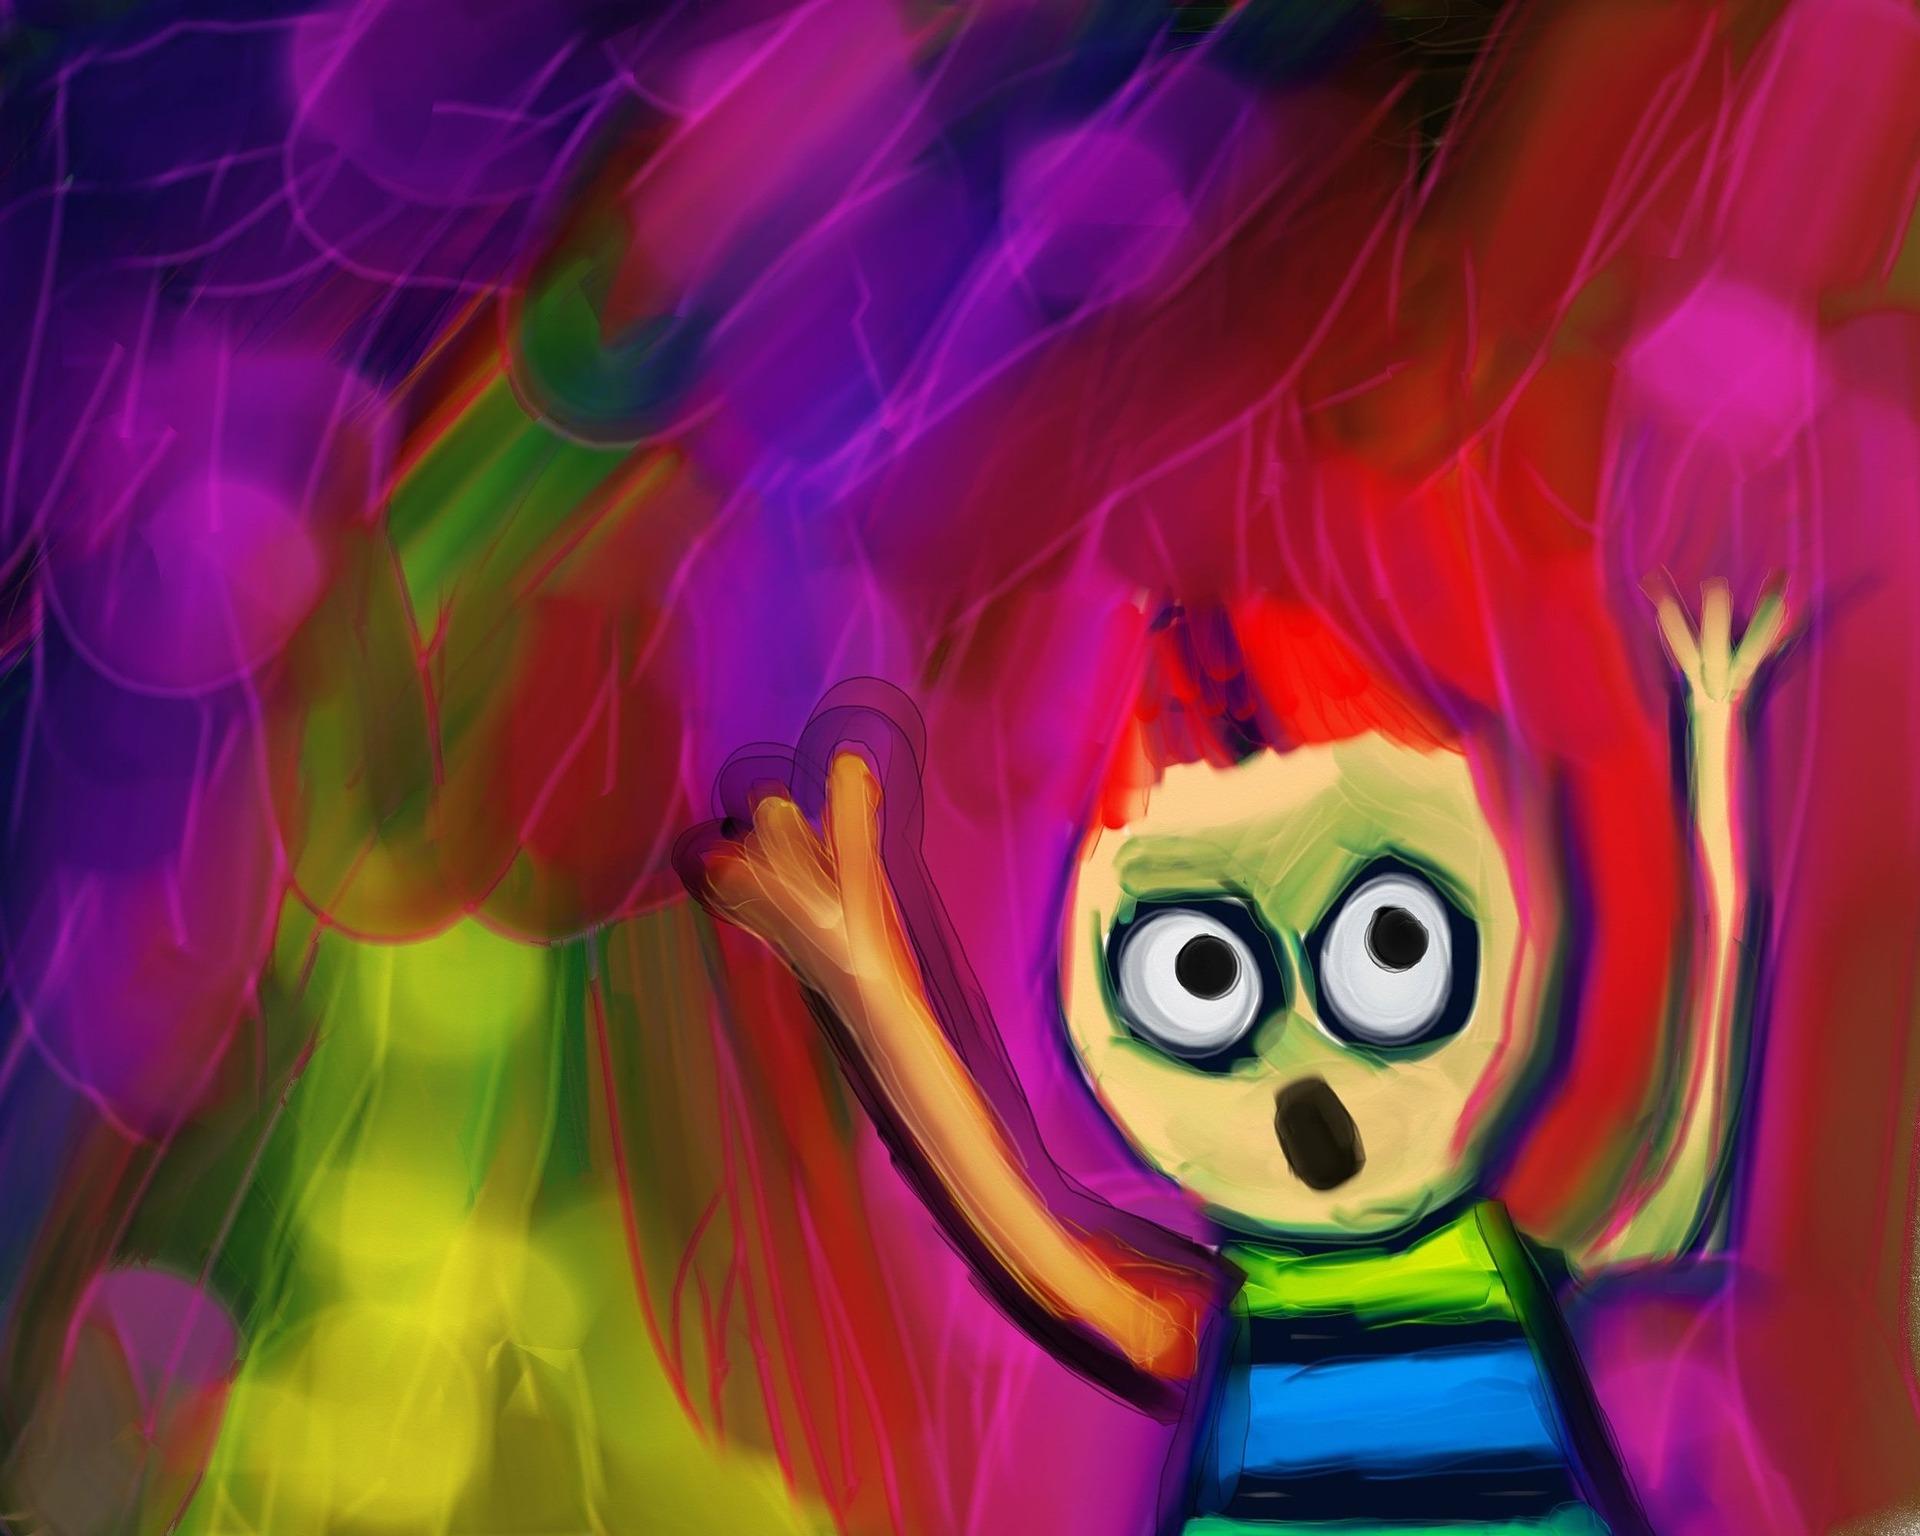 copilul spune cuvinte care jignesc - sfatulparintilor.ro - pixabay_com - child-1099770_1920